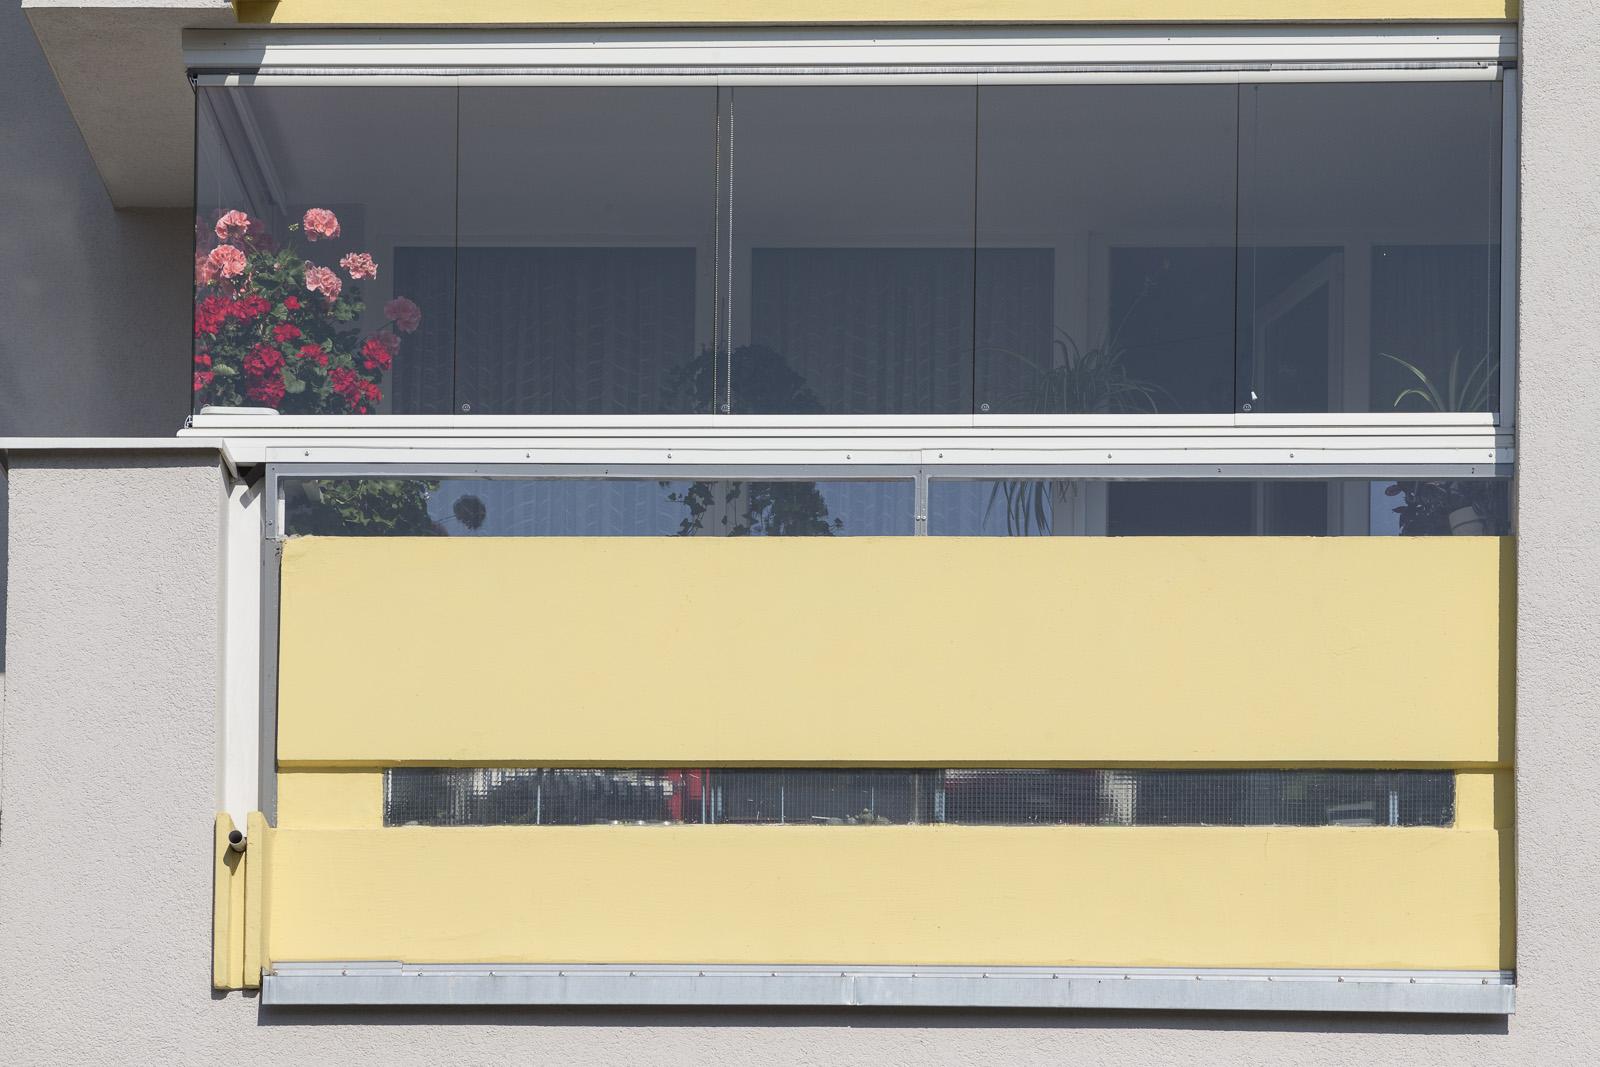 SAKRET Referenz Fassadensanierung WDVS Braunschweig Balkon nah